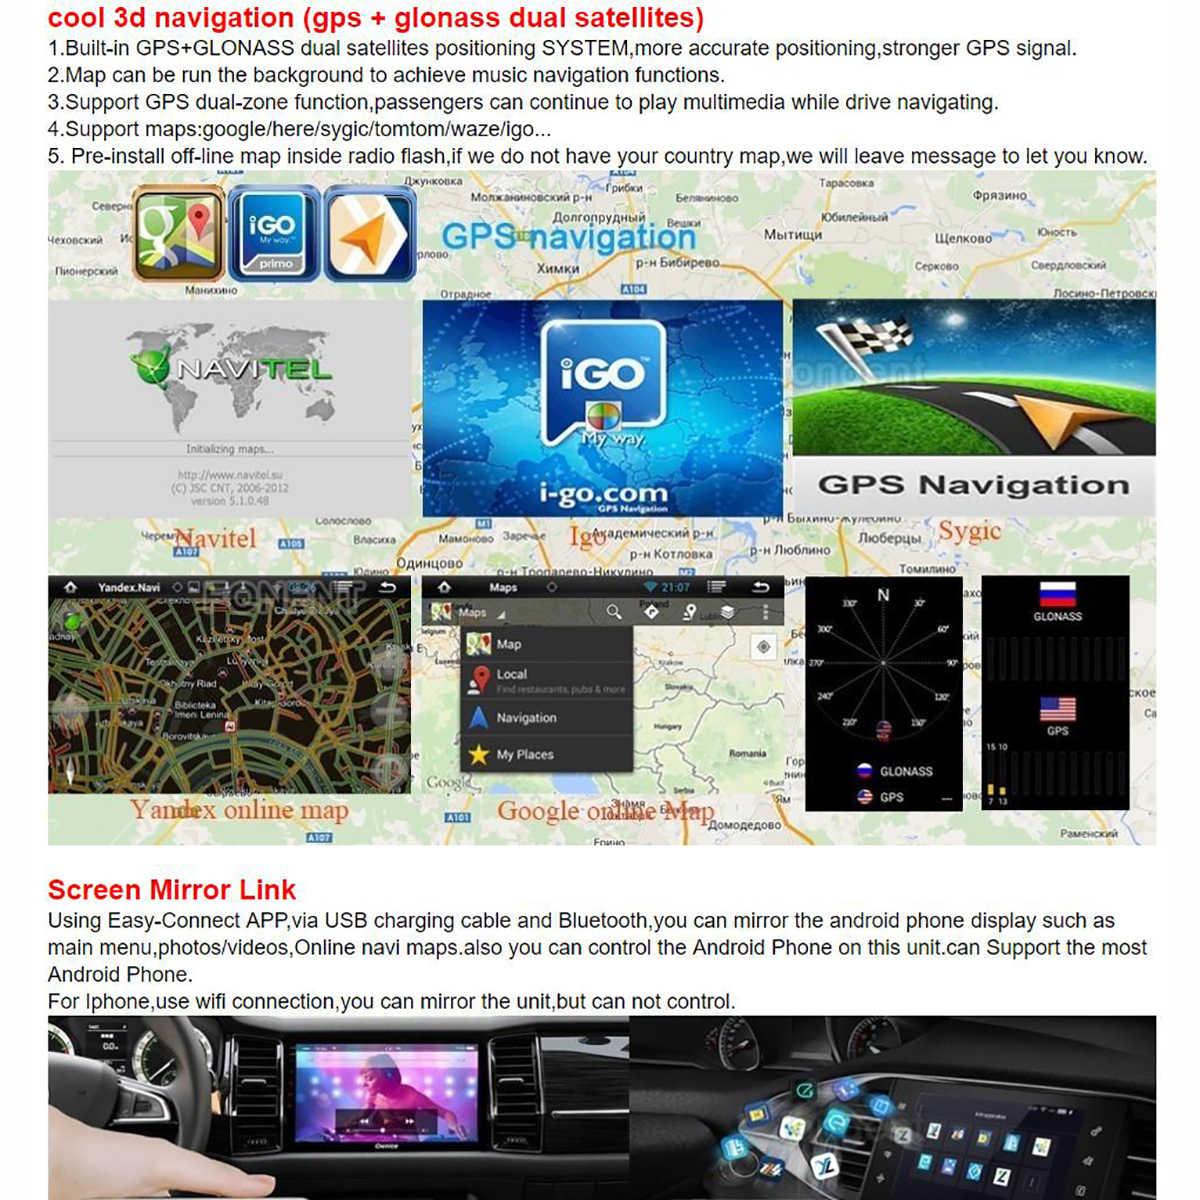 راديو متعدد الوسائط للسيارة مزود بنظام تشغيل أندرويد 9.0 ومزود بنظام ملاحة ونظام تحديد المواقع PX6 DSP مزود بمعيار دين رقم 2 وشاشة مقاس 9 بوصات لسيارات فورد فوكس Exi طراز 2004 2005 2006-2011